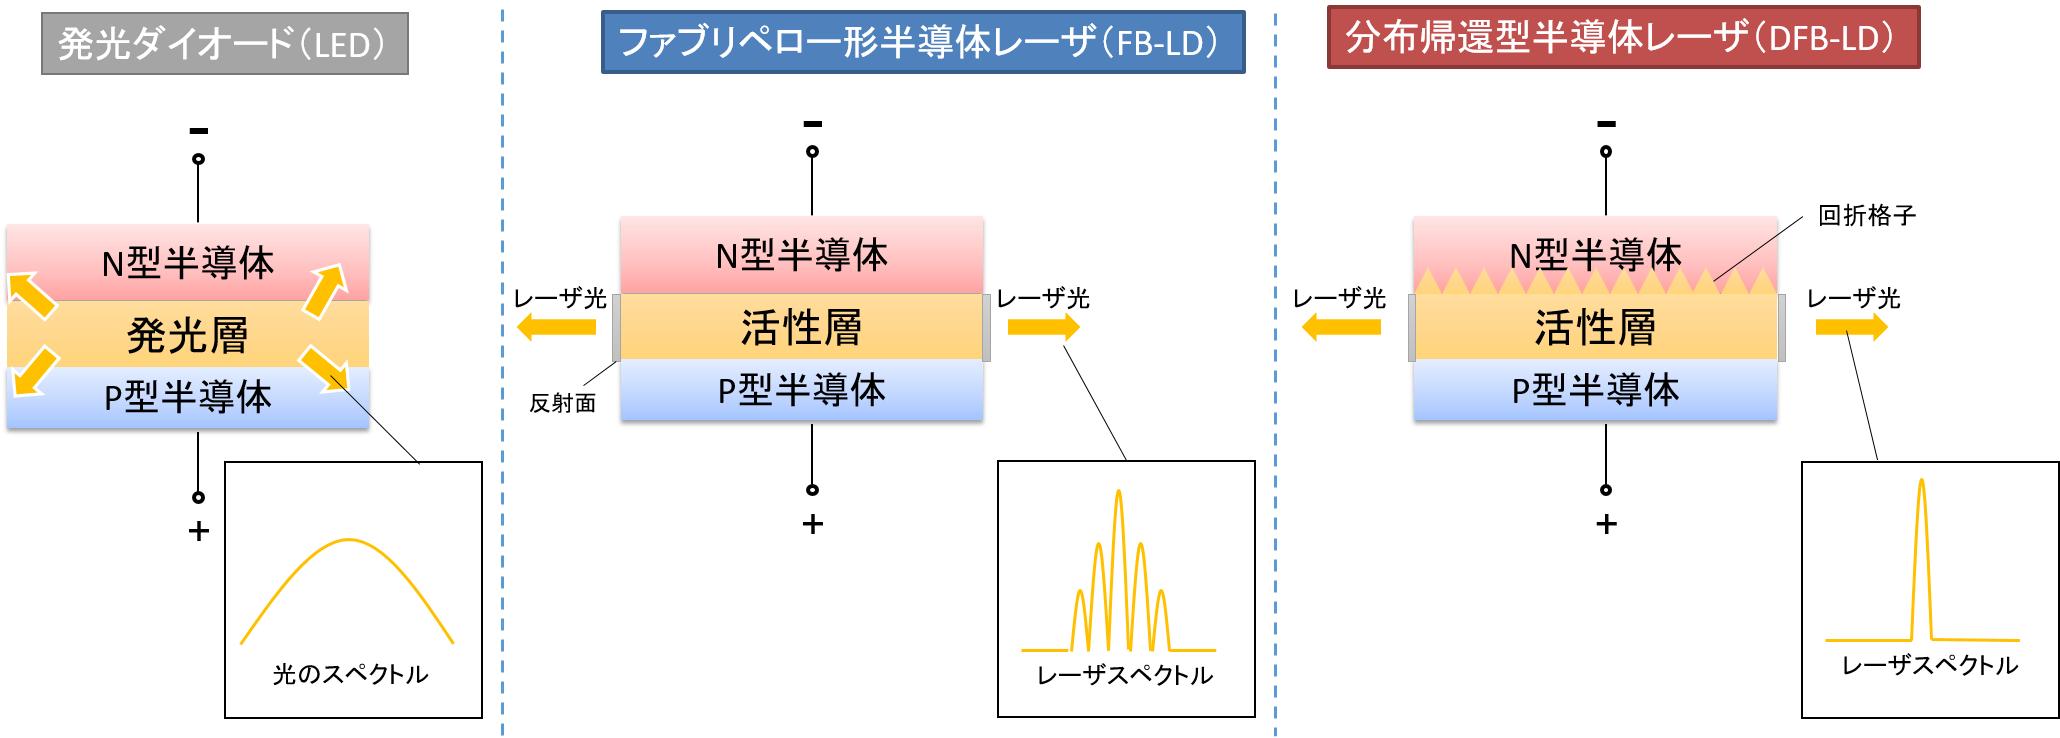 LED_LD_hikaku.png